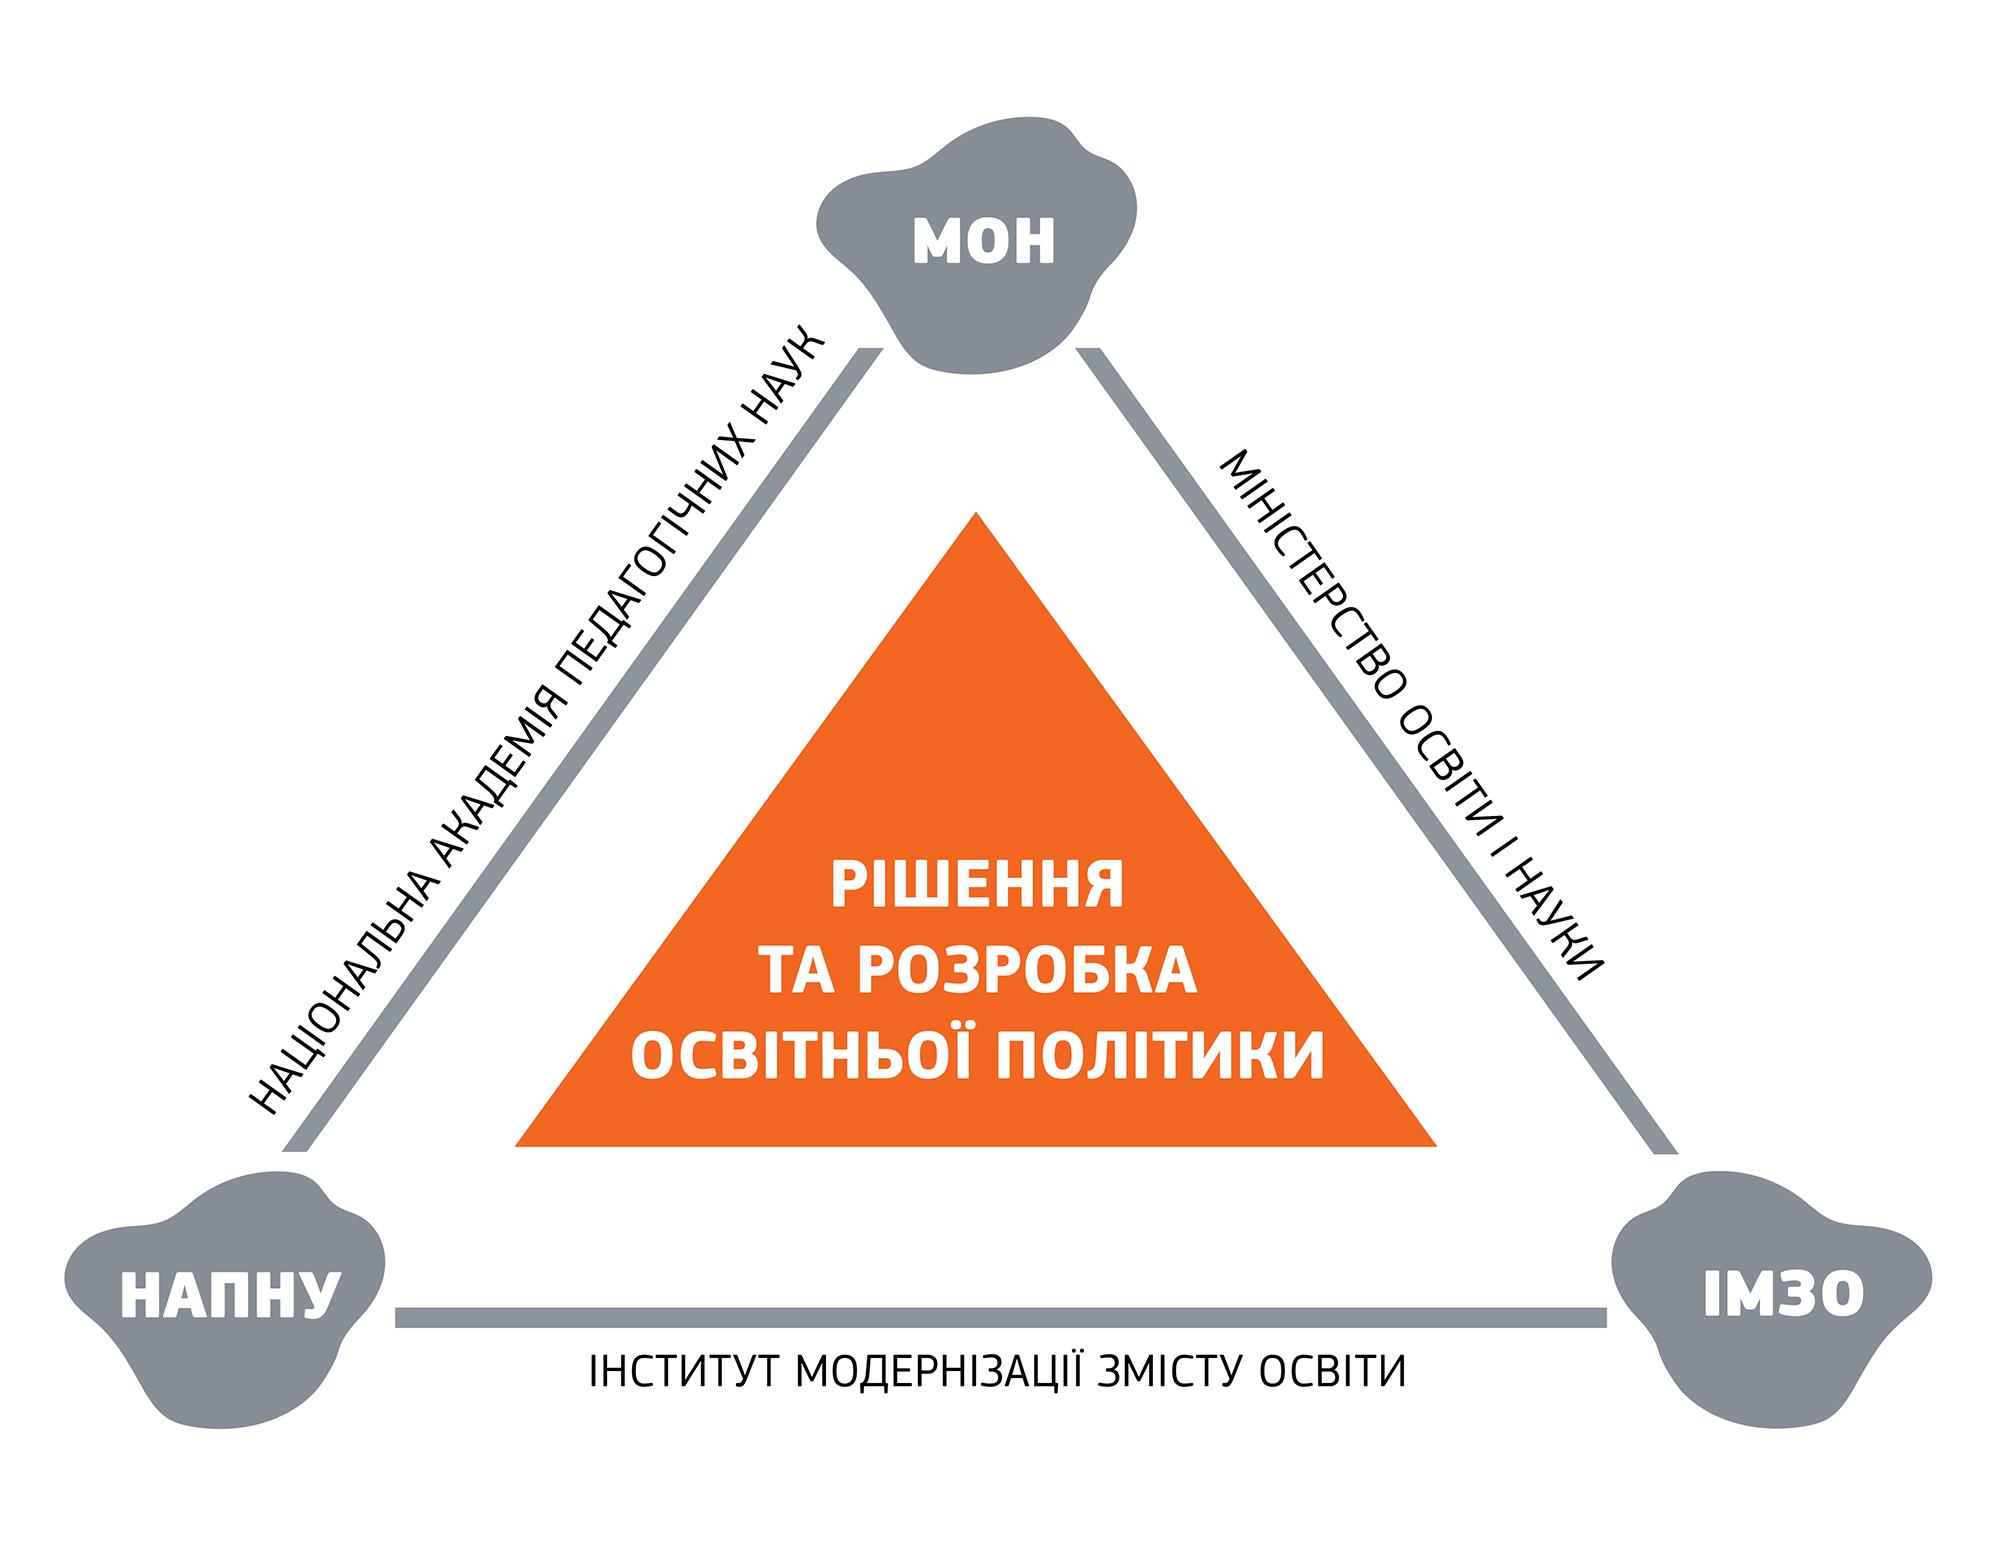 """Педагогика """"по-совецки"""". Как аналитики оценили деятельность Академии педнаук"""